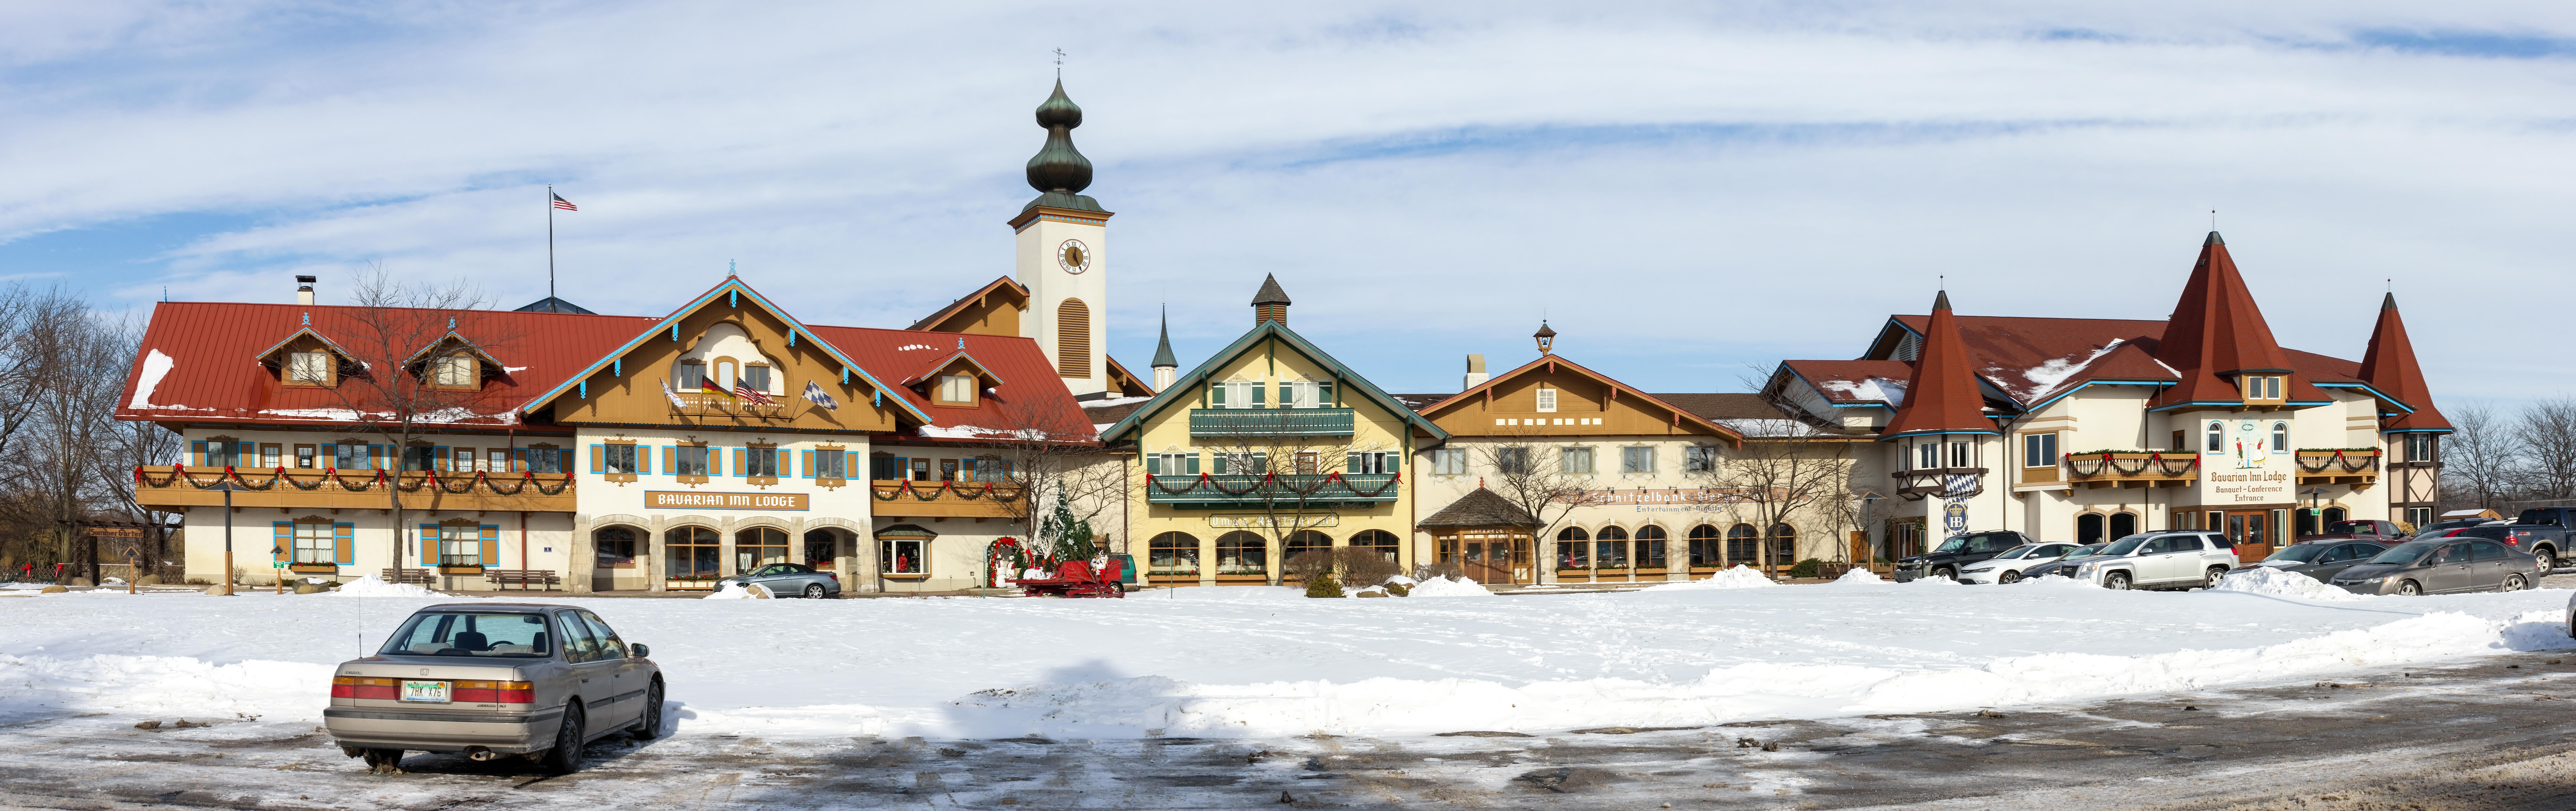 Bavarian Inn Lodge, Frankenmuth, Michigan, 2015-01-11 02.jpg